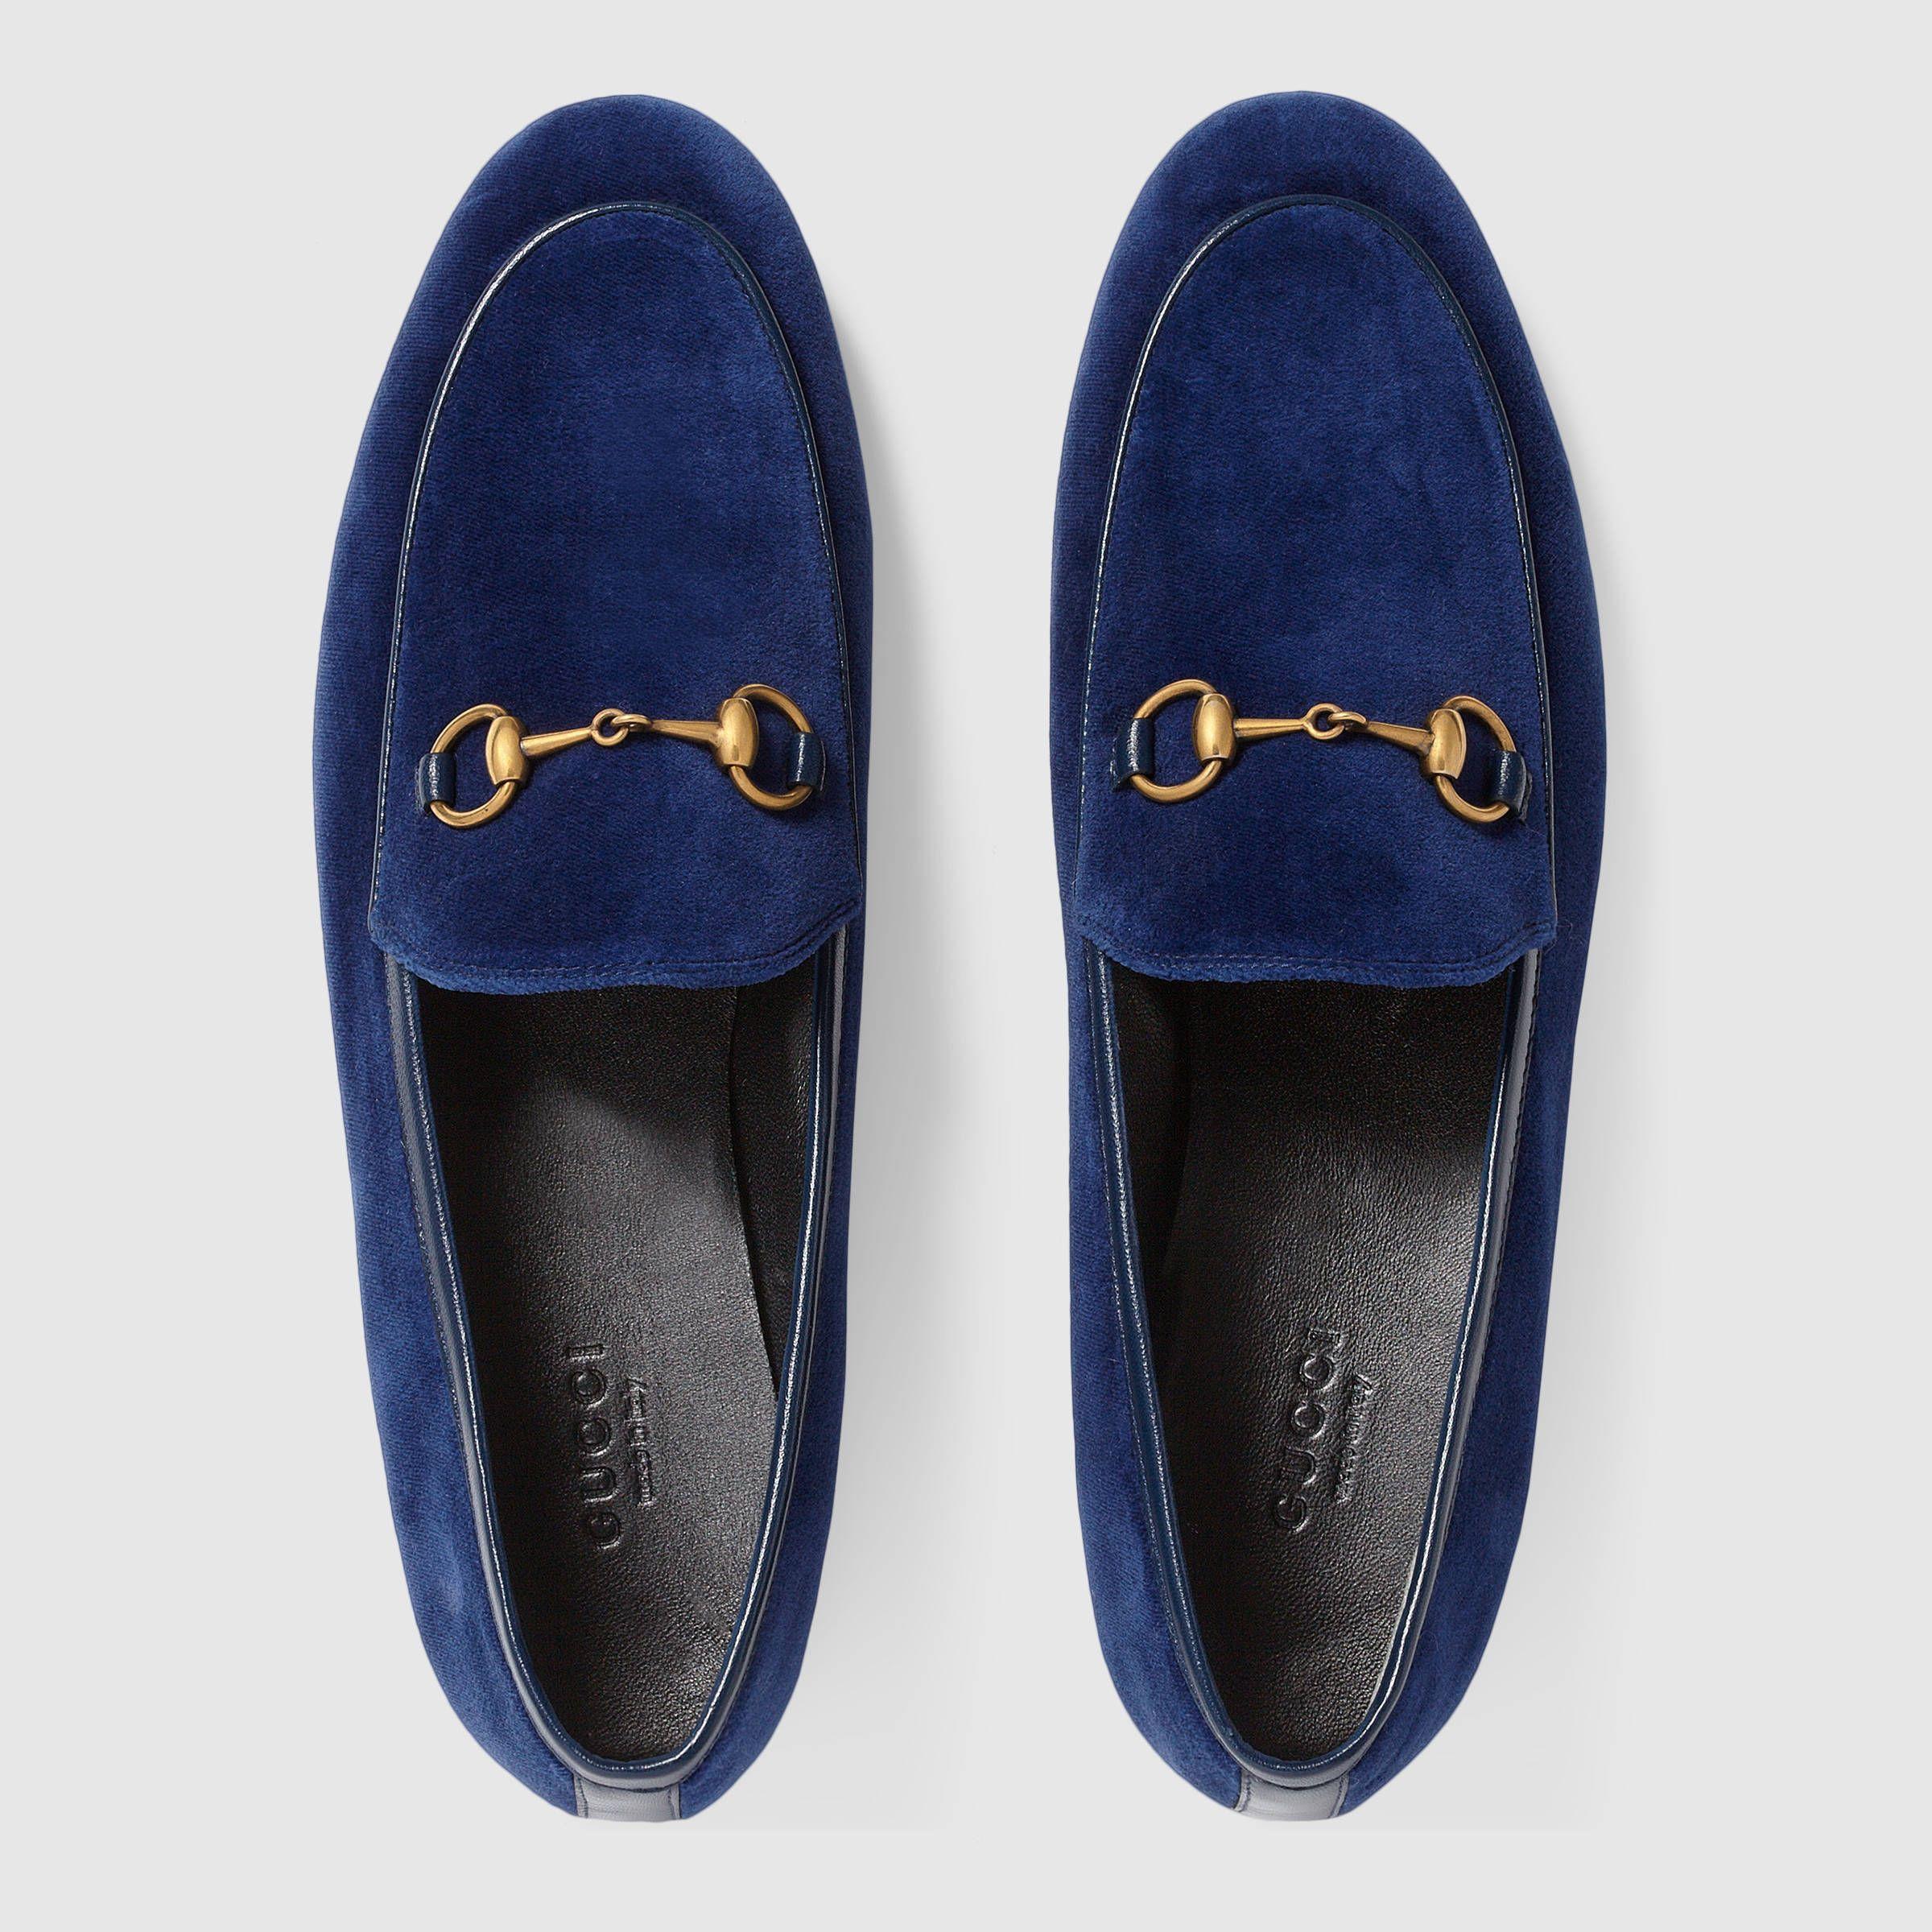 Velours Gucci Gucci Jordaan Mocassin - Bleu zO5G16e67